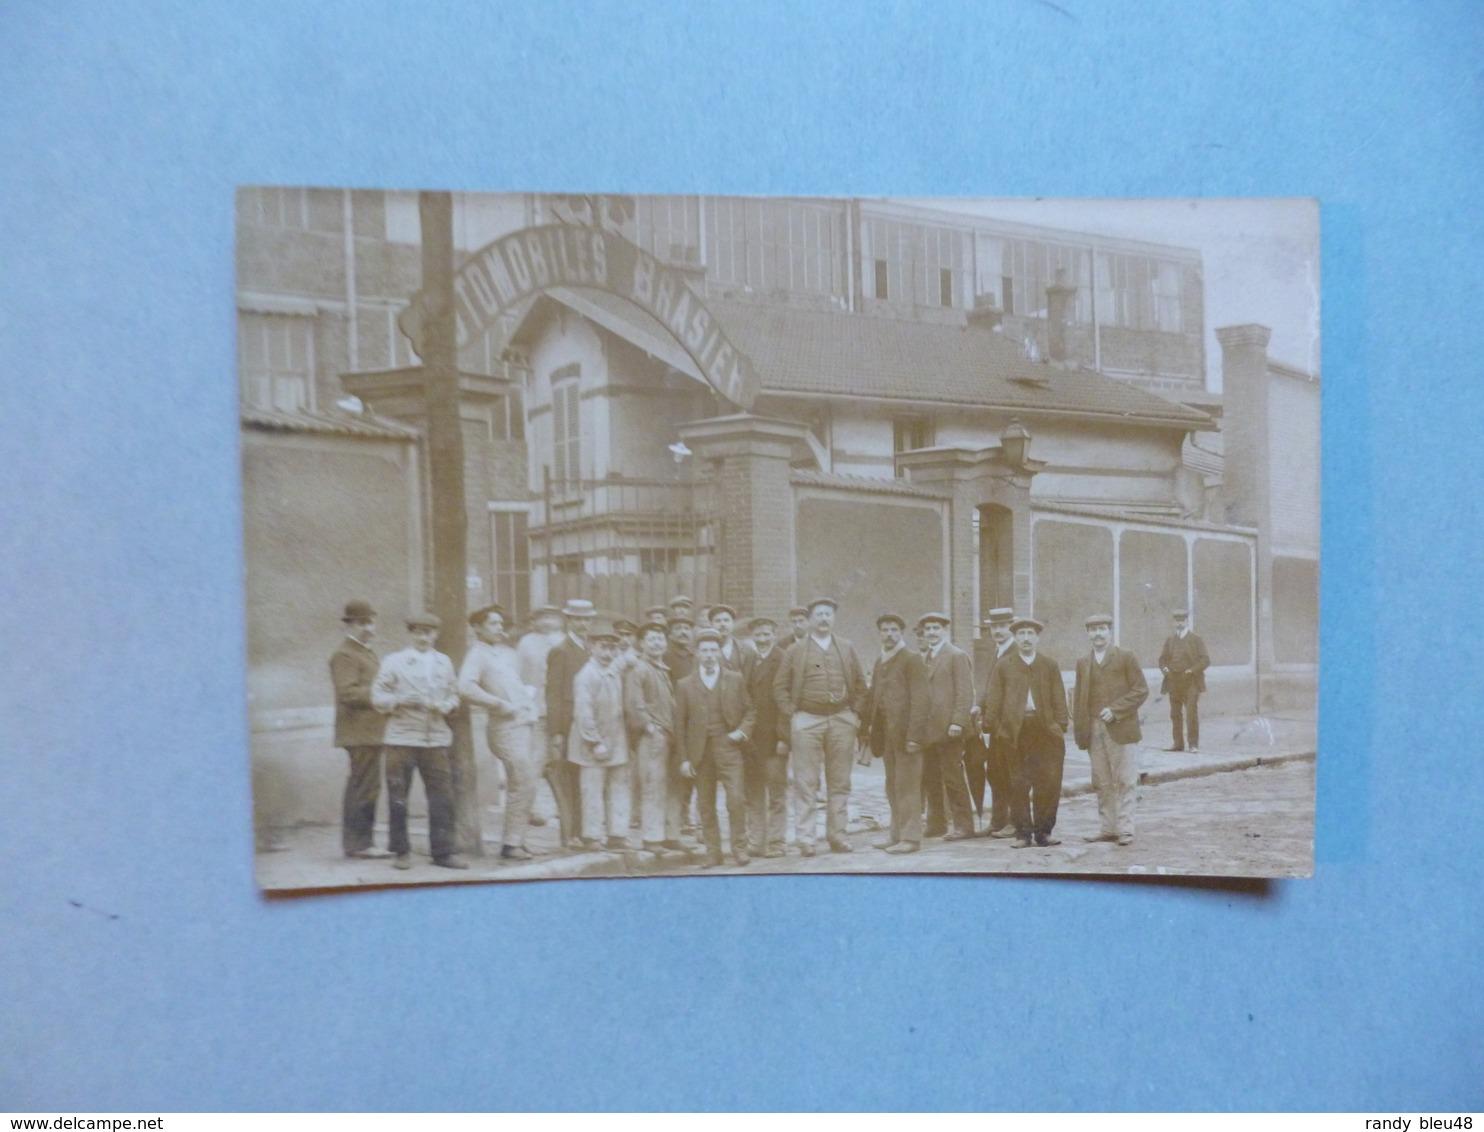 Carte Photo IVRY SUR SEINE - 94  -  Personnels De L'usine BRASIER  -  Automobiles BRASIER  -  Val De Marne - Ivry Sur Seine